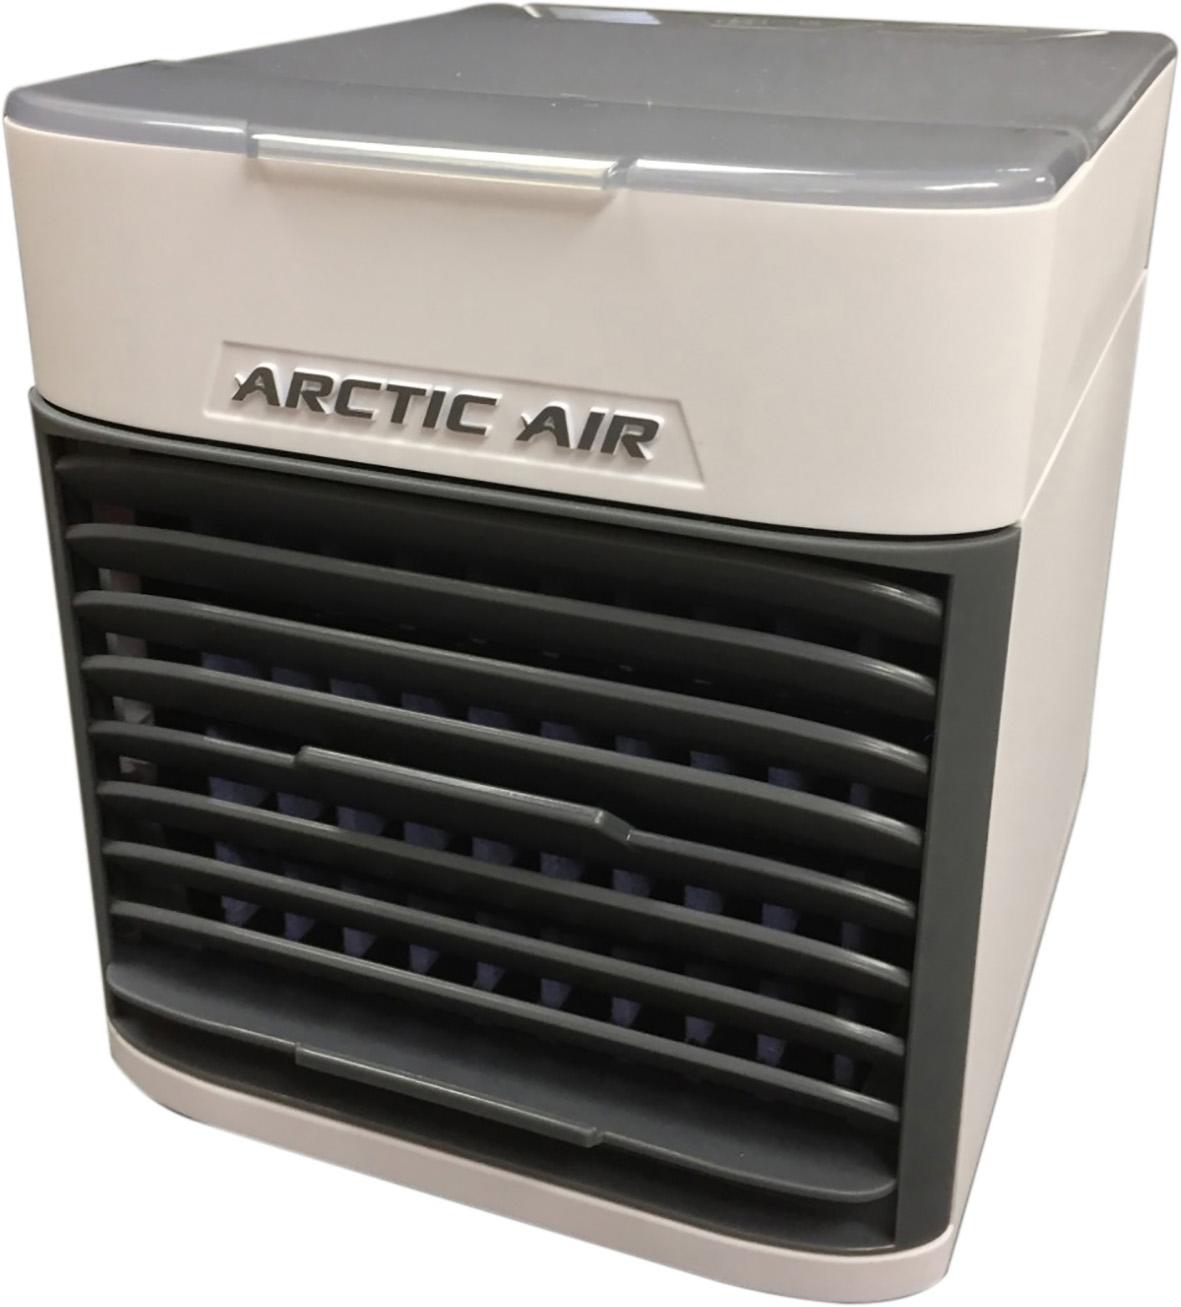 BEST OF TV Rafraîchisseur d'air Artic Cube - ARCTIC10 - Blanc/Gris